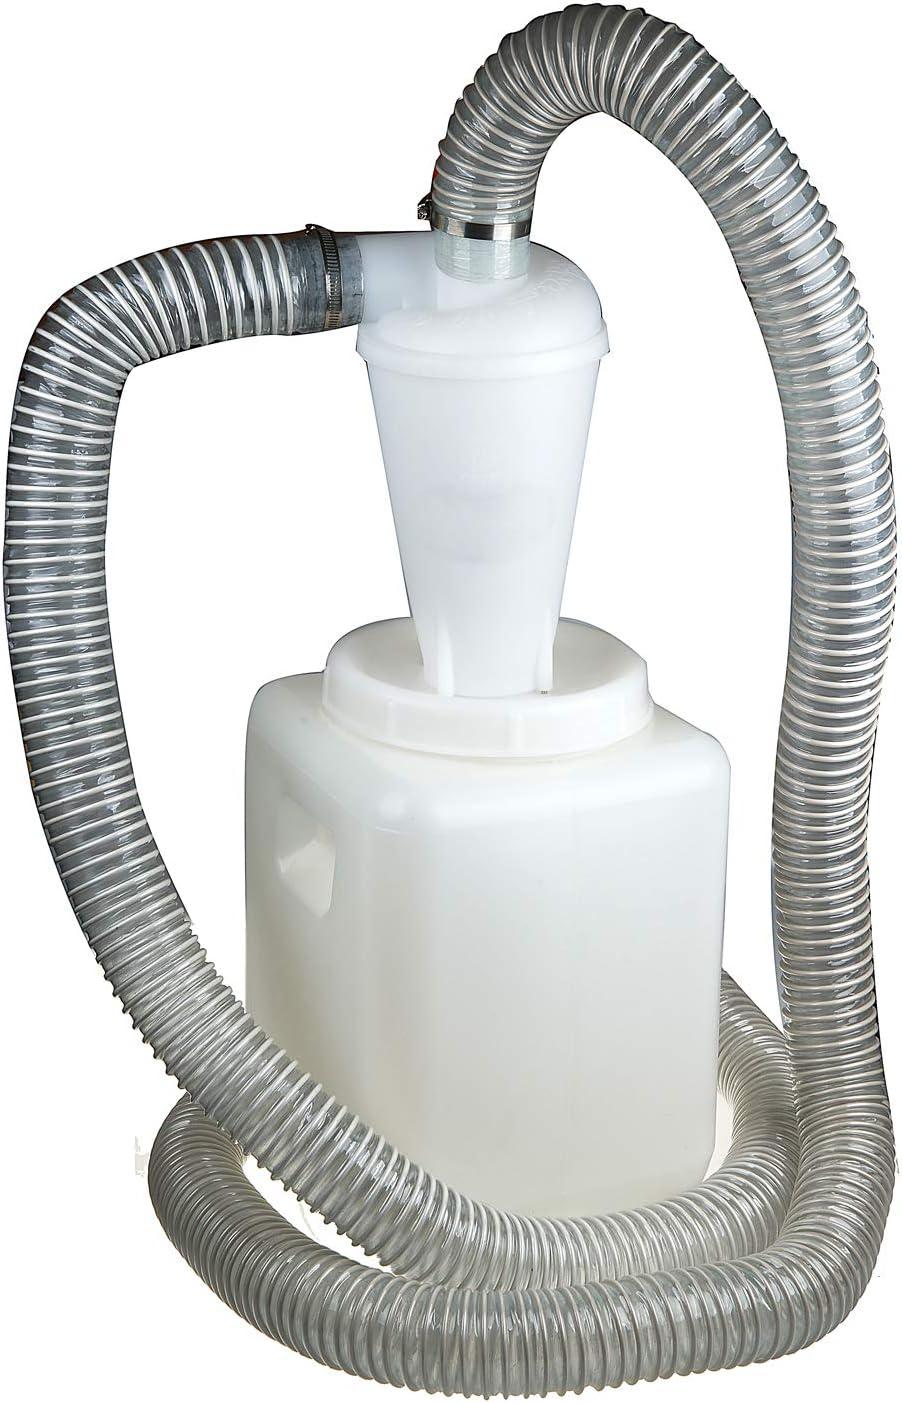 Vinteky - Separador de Filtro de ciclón para Aspirador y ciclón Industrial (Cubo de 20 L): Amazon.es: Jardín